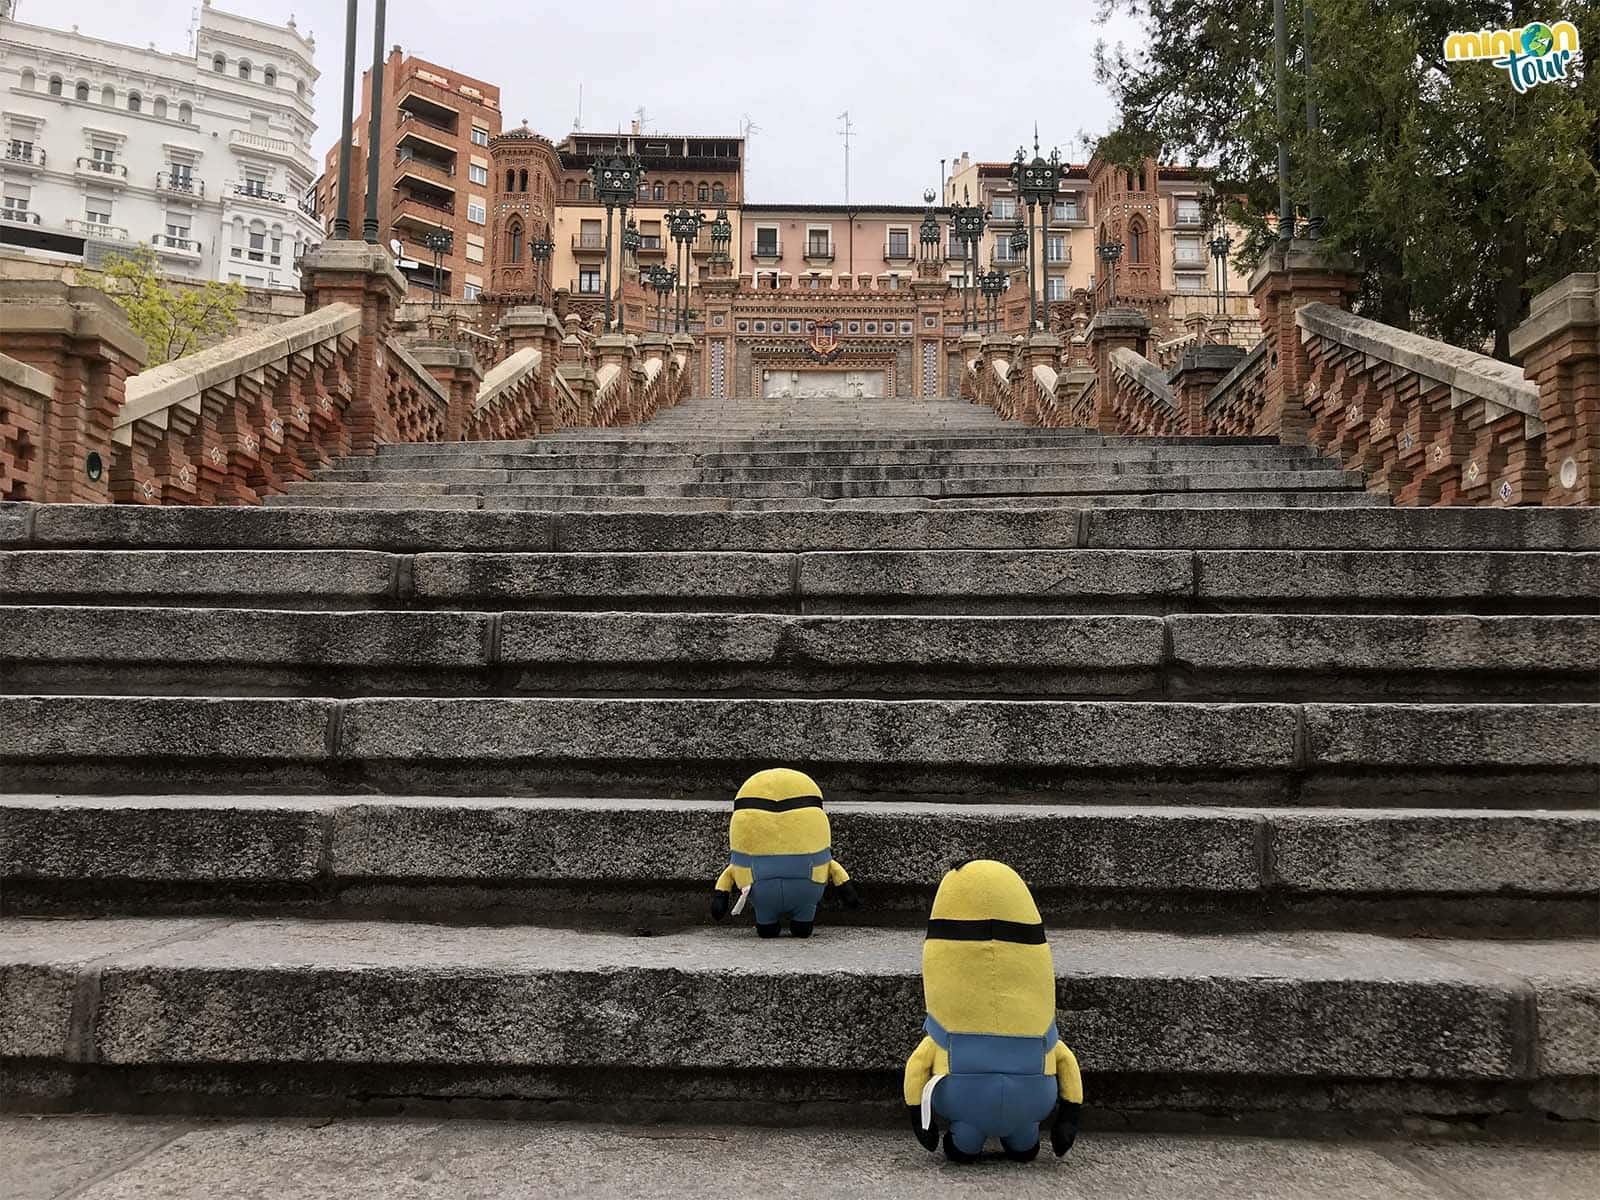 Subiendo los escalones de la Escalinata